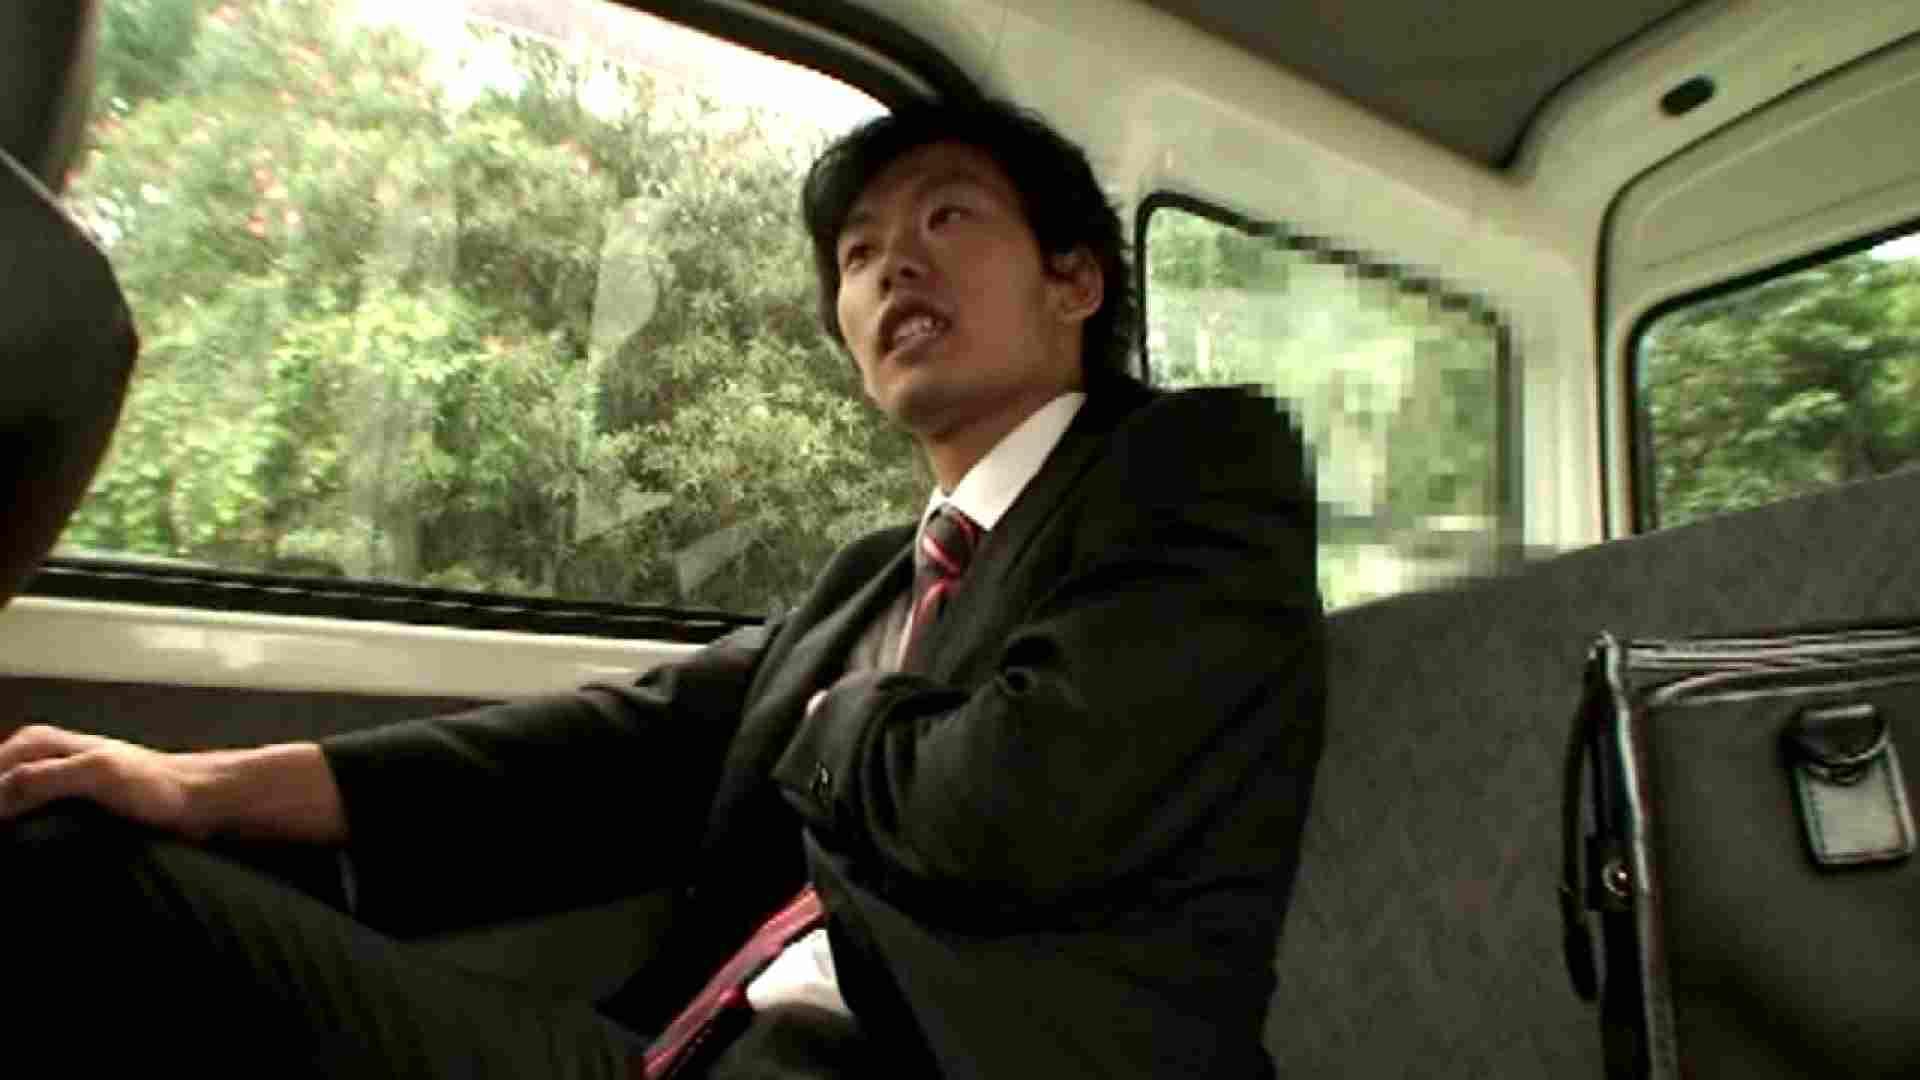 亜細亜のイケメンがイクっ!File.06 流出作品 ゲイアダルトビデオ画像 105pic 5